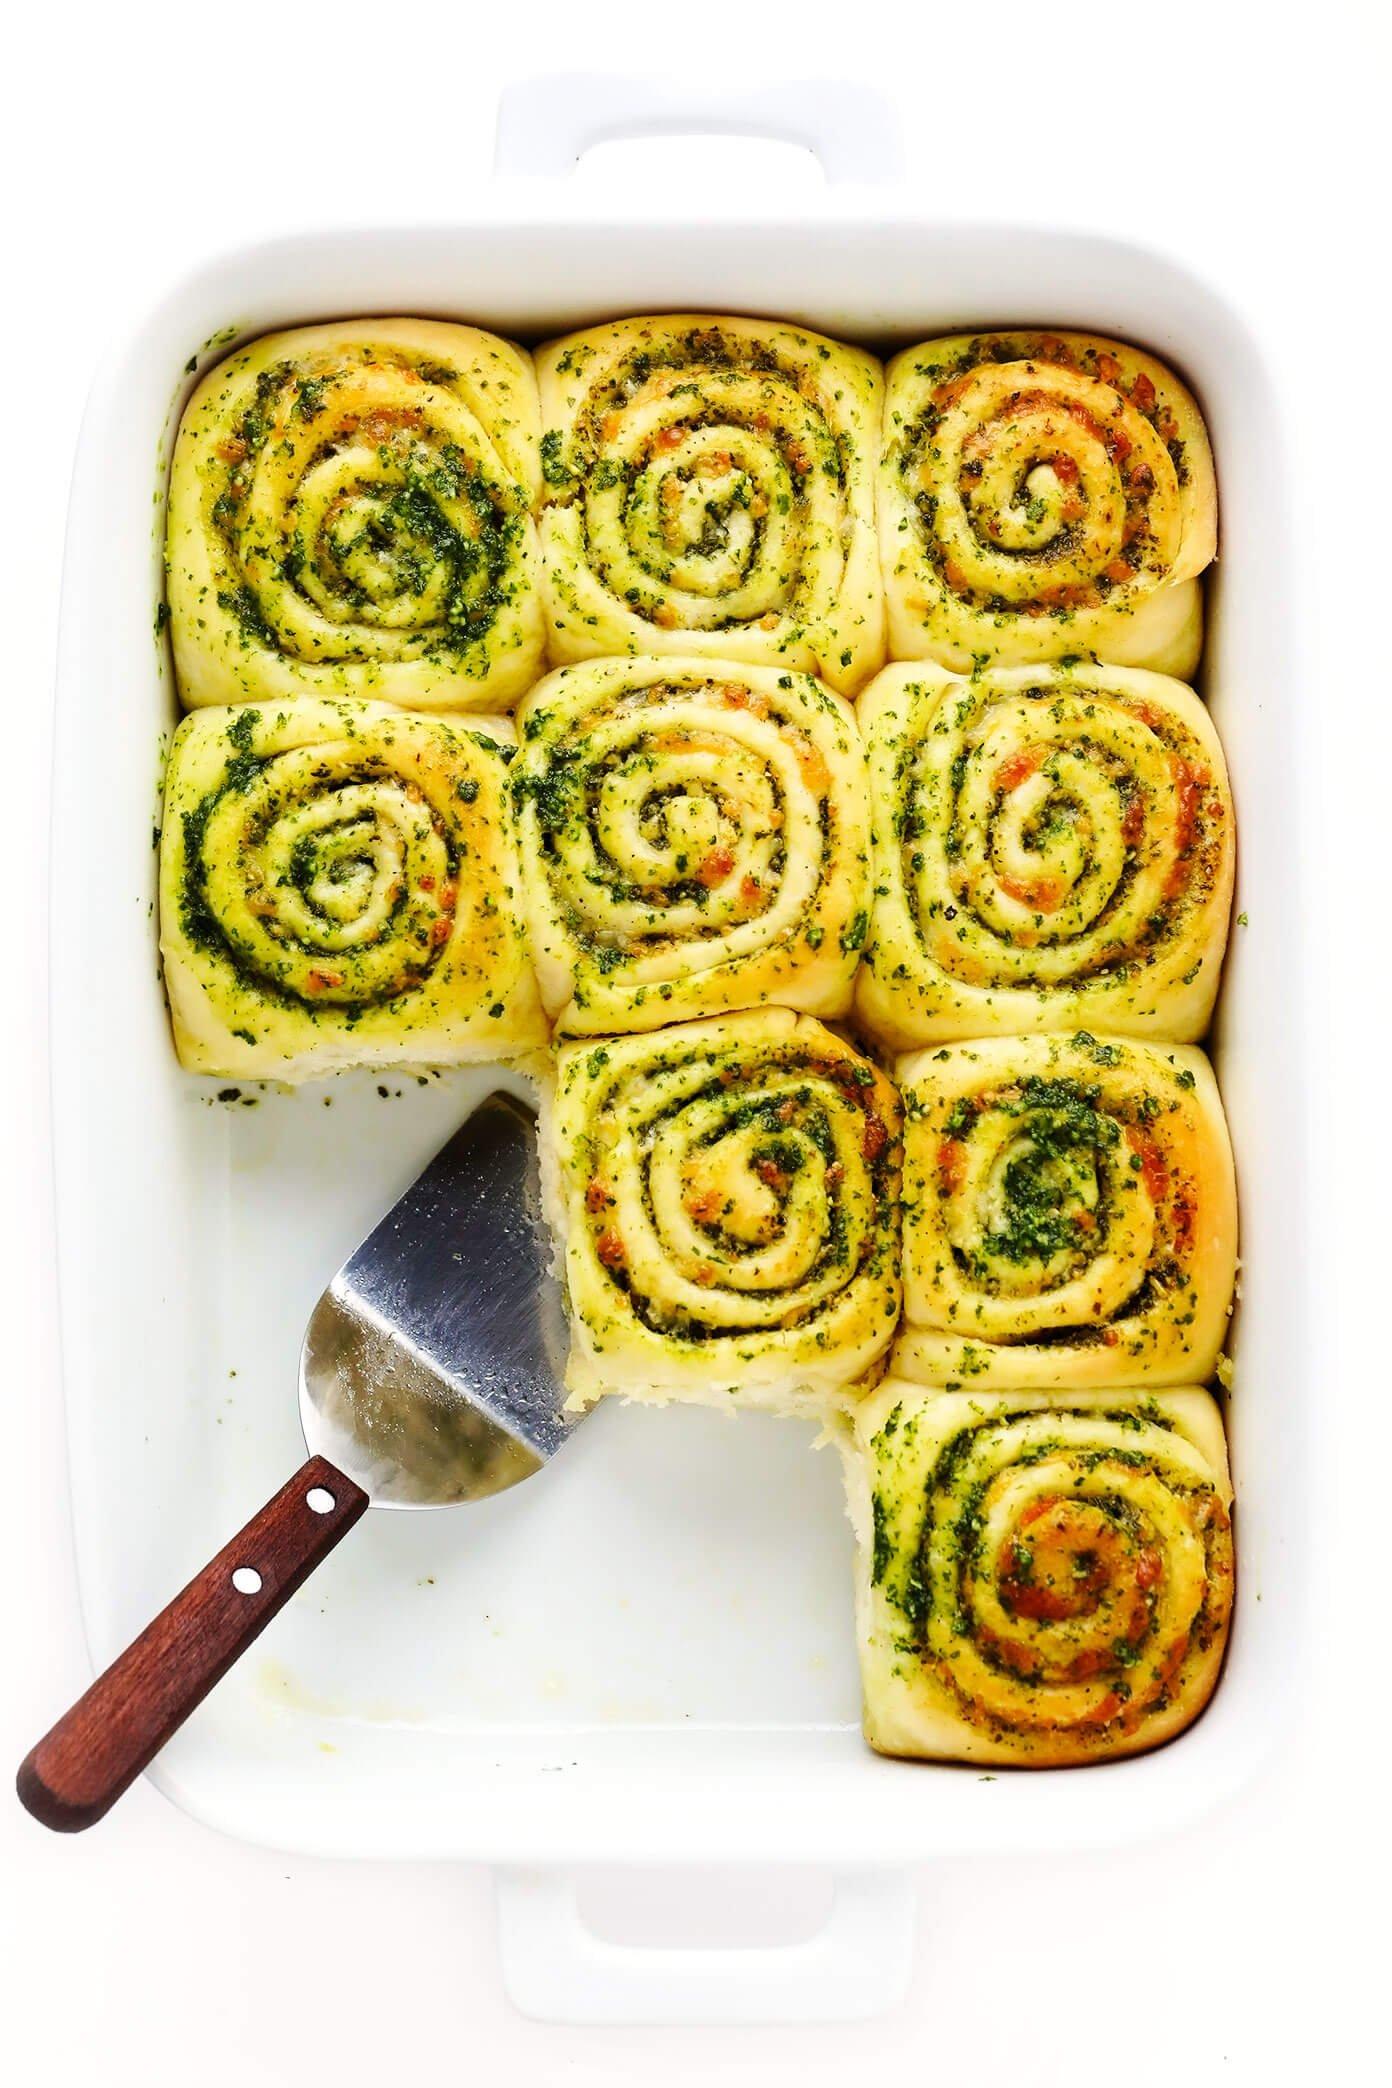 Cheesy Pesto Rolls in Baking Dish